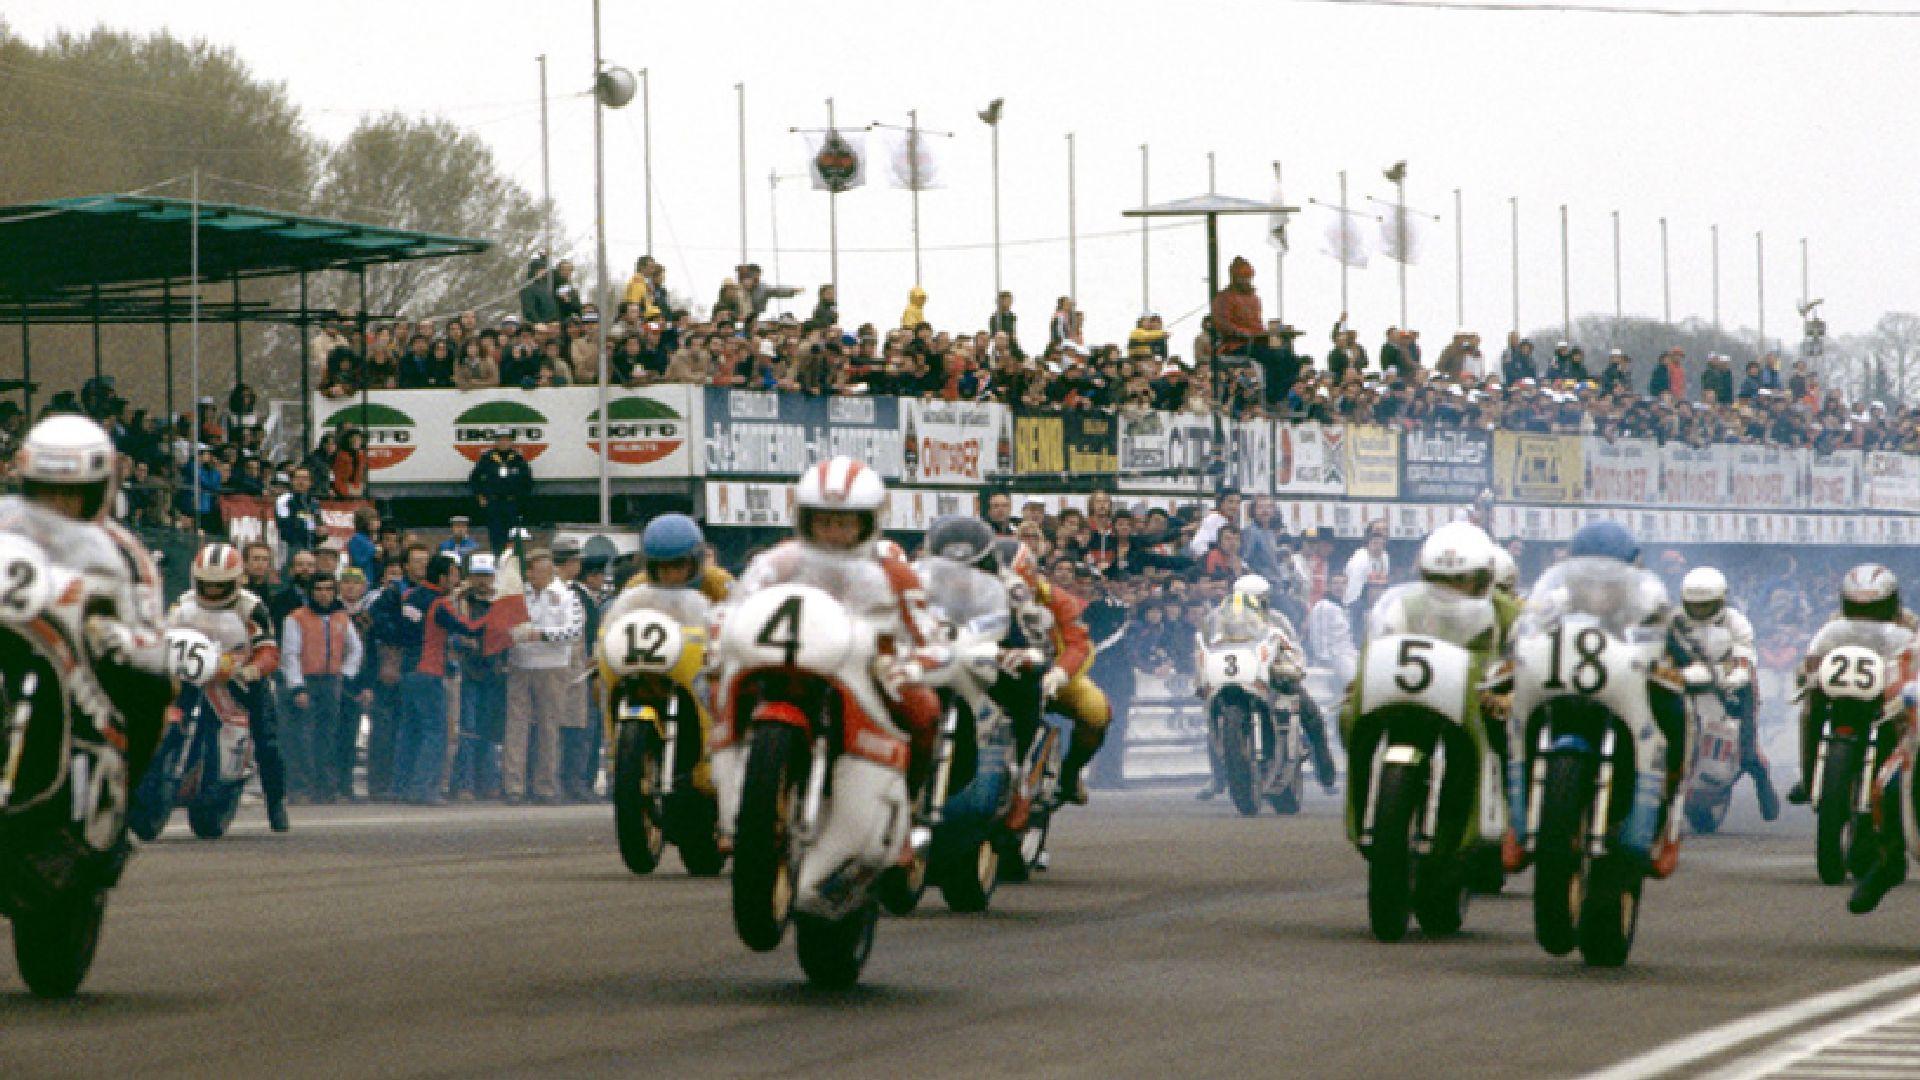 200 Miglia di Imola Revival: all is set at the Autodromo internazionale Enzo e Dino Ferrari.